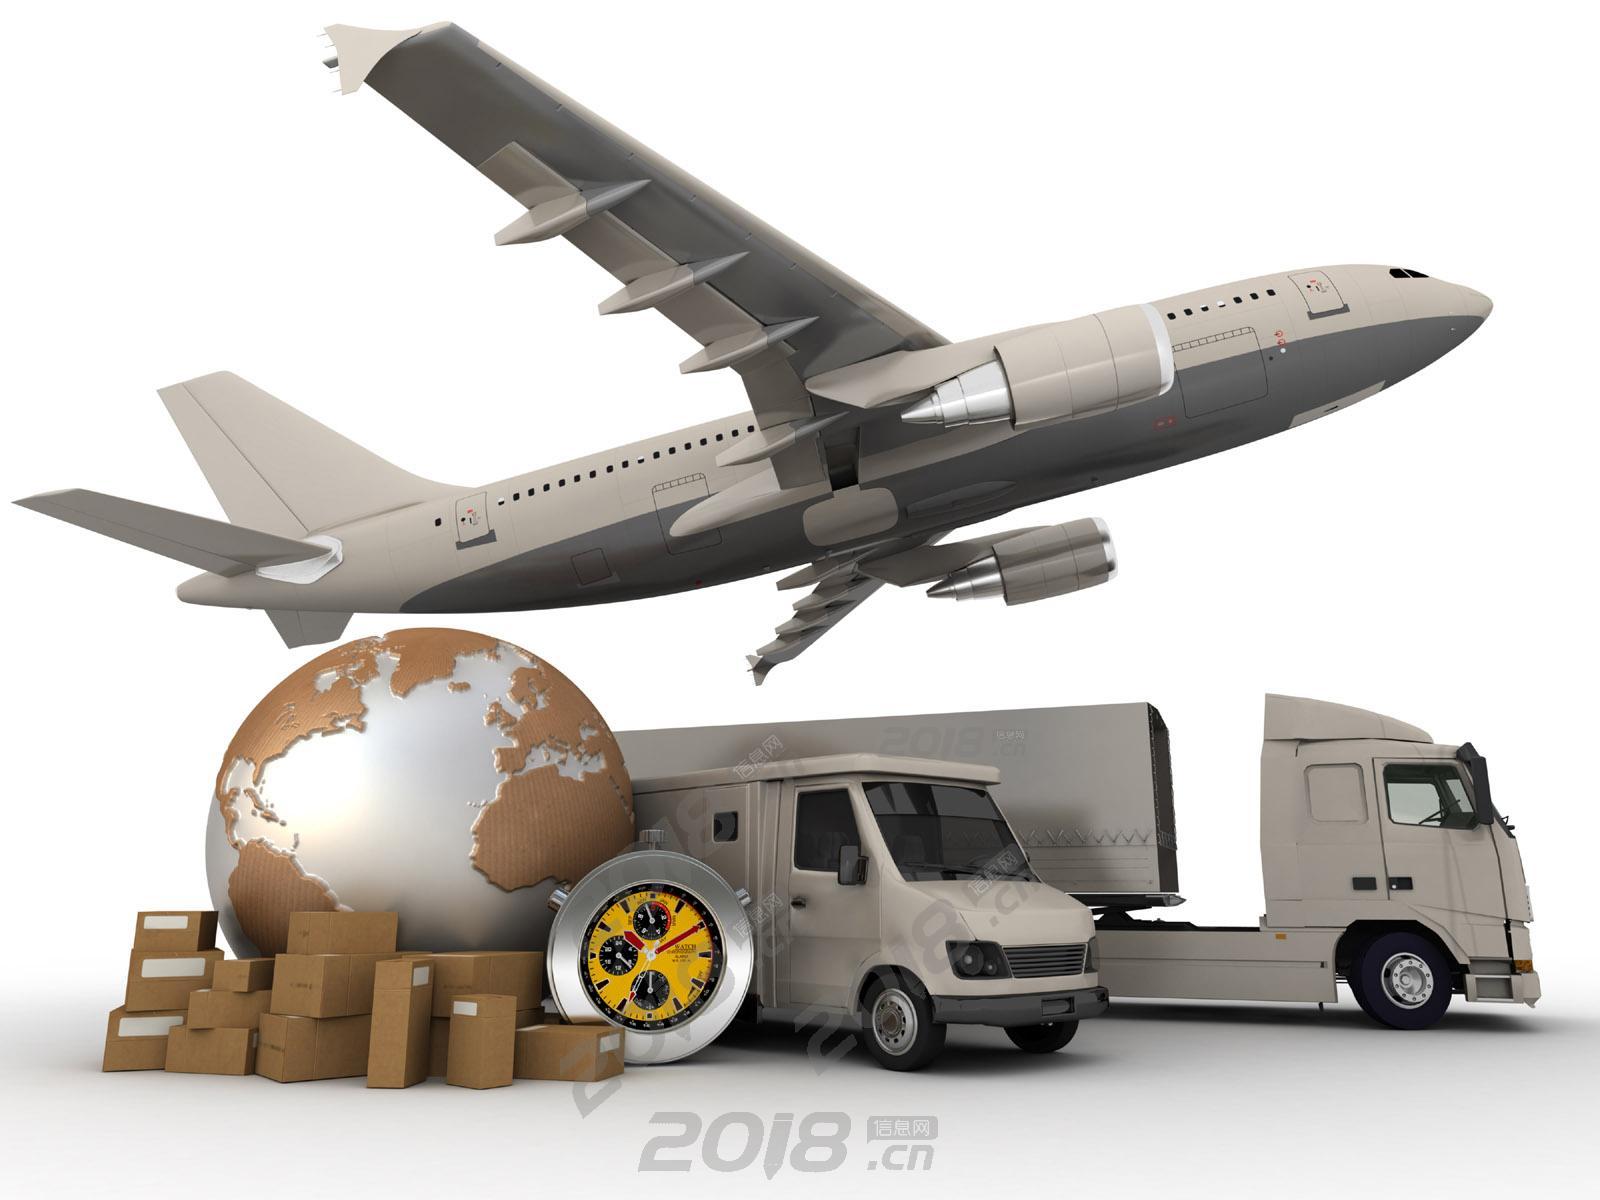 潮州集装拼箱/潮州货运代理/澄海海运代理/凯航货运